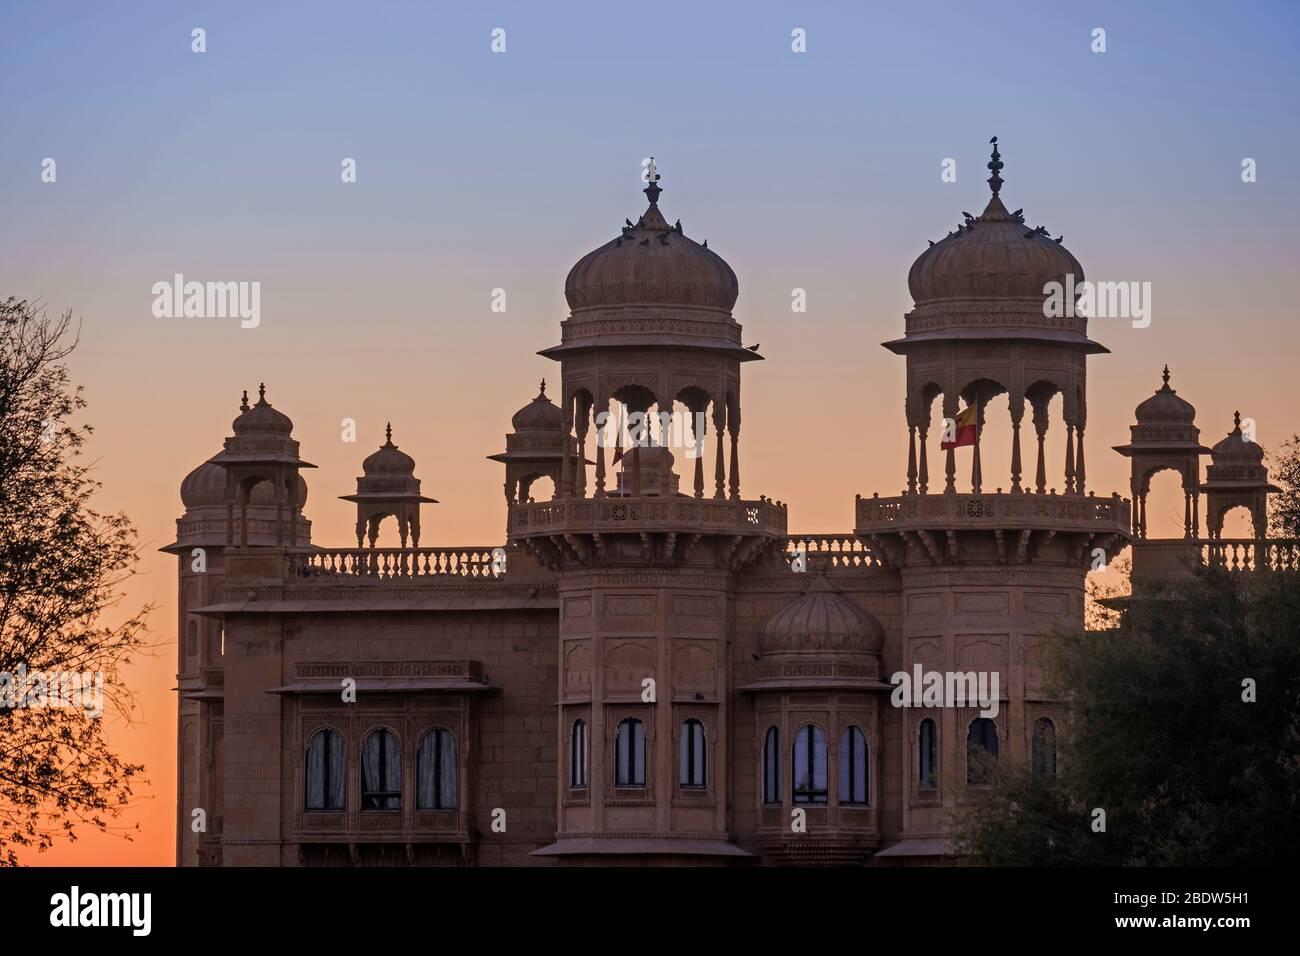 Jawahar Niwas Palacio Jaisalmer Rajasthan India Foto de stock